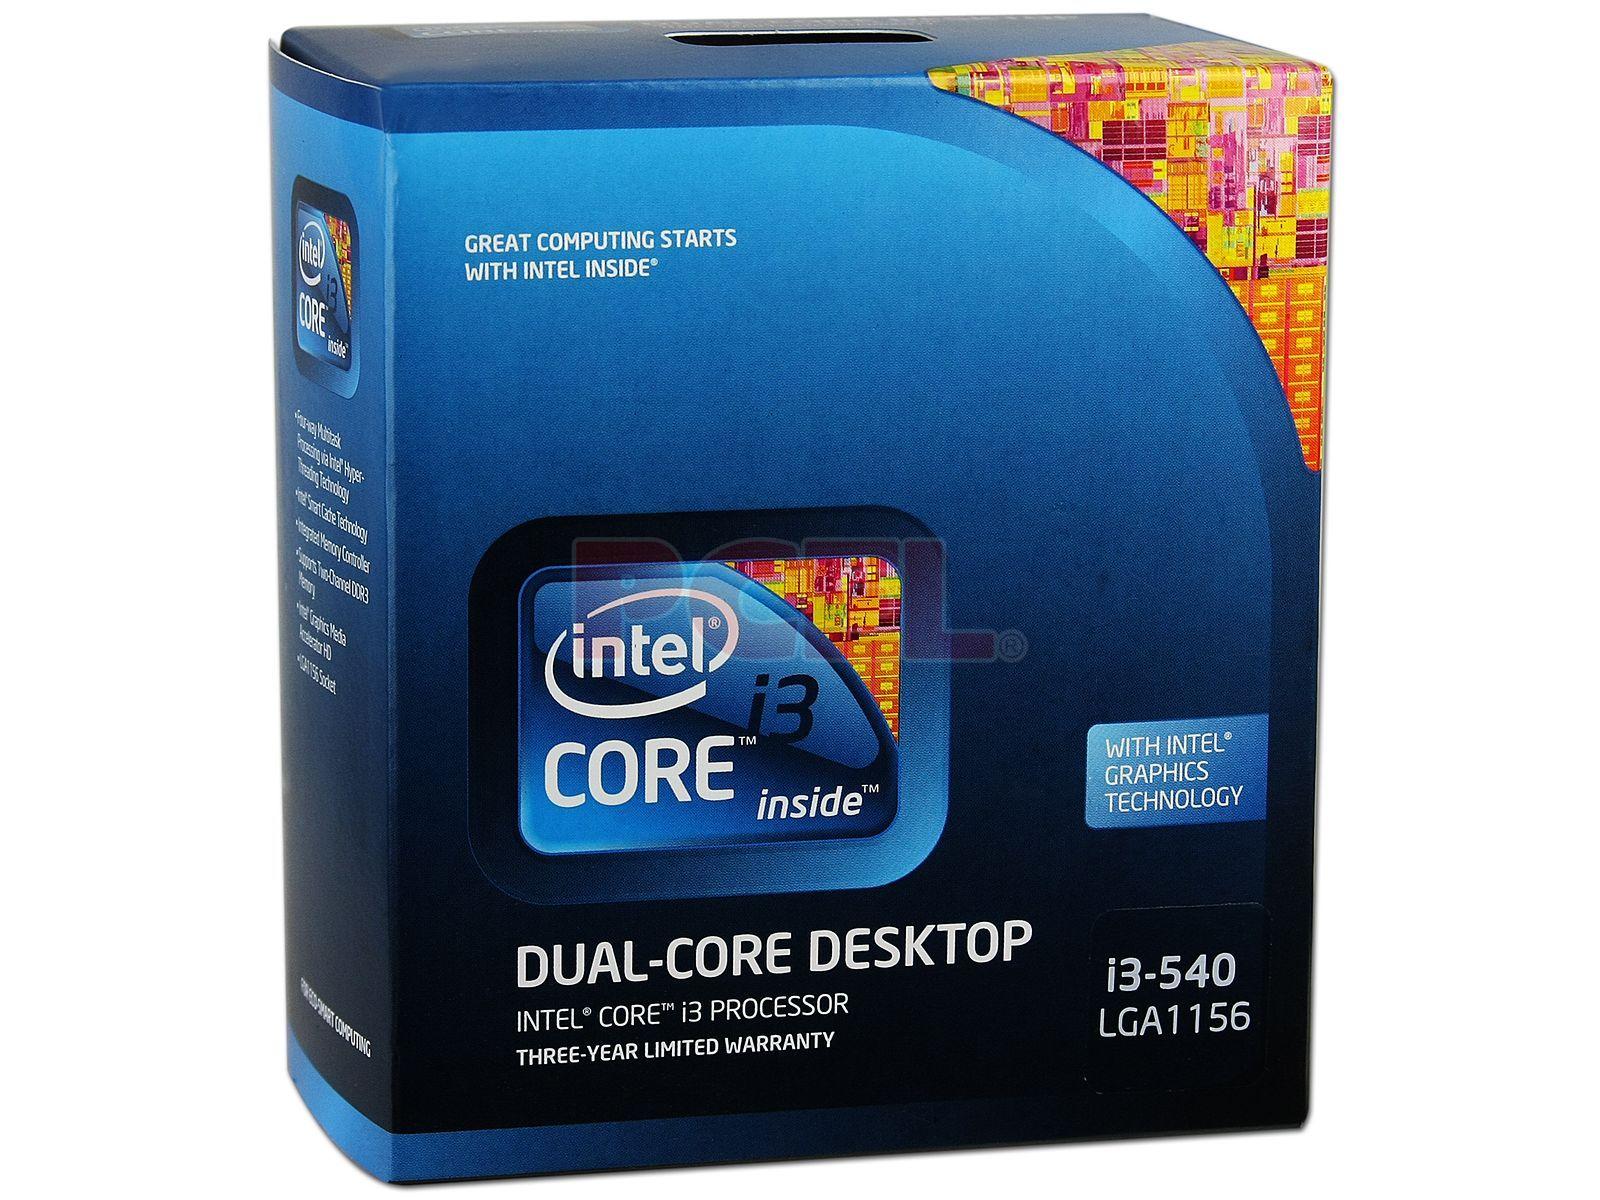 Procesor Intel Core i3 540 3.06 GHz - imaginea 1